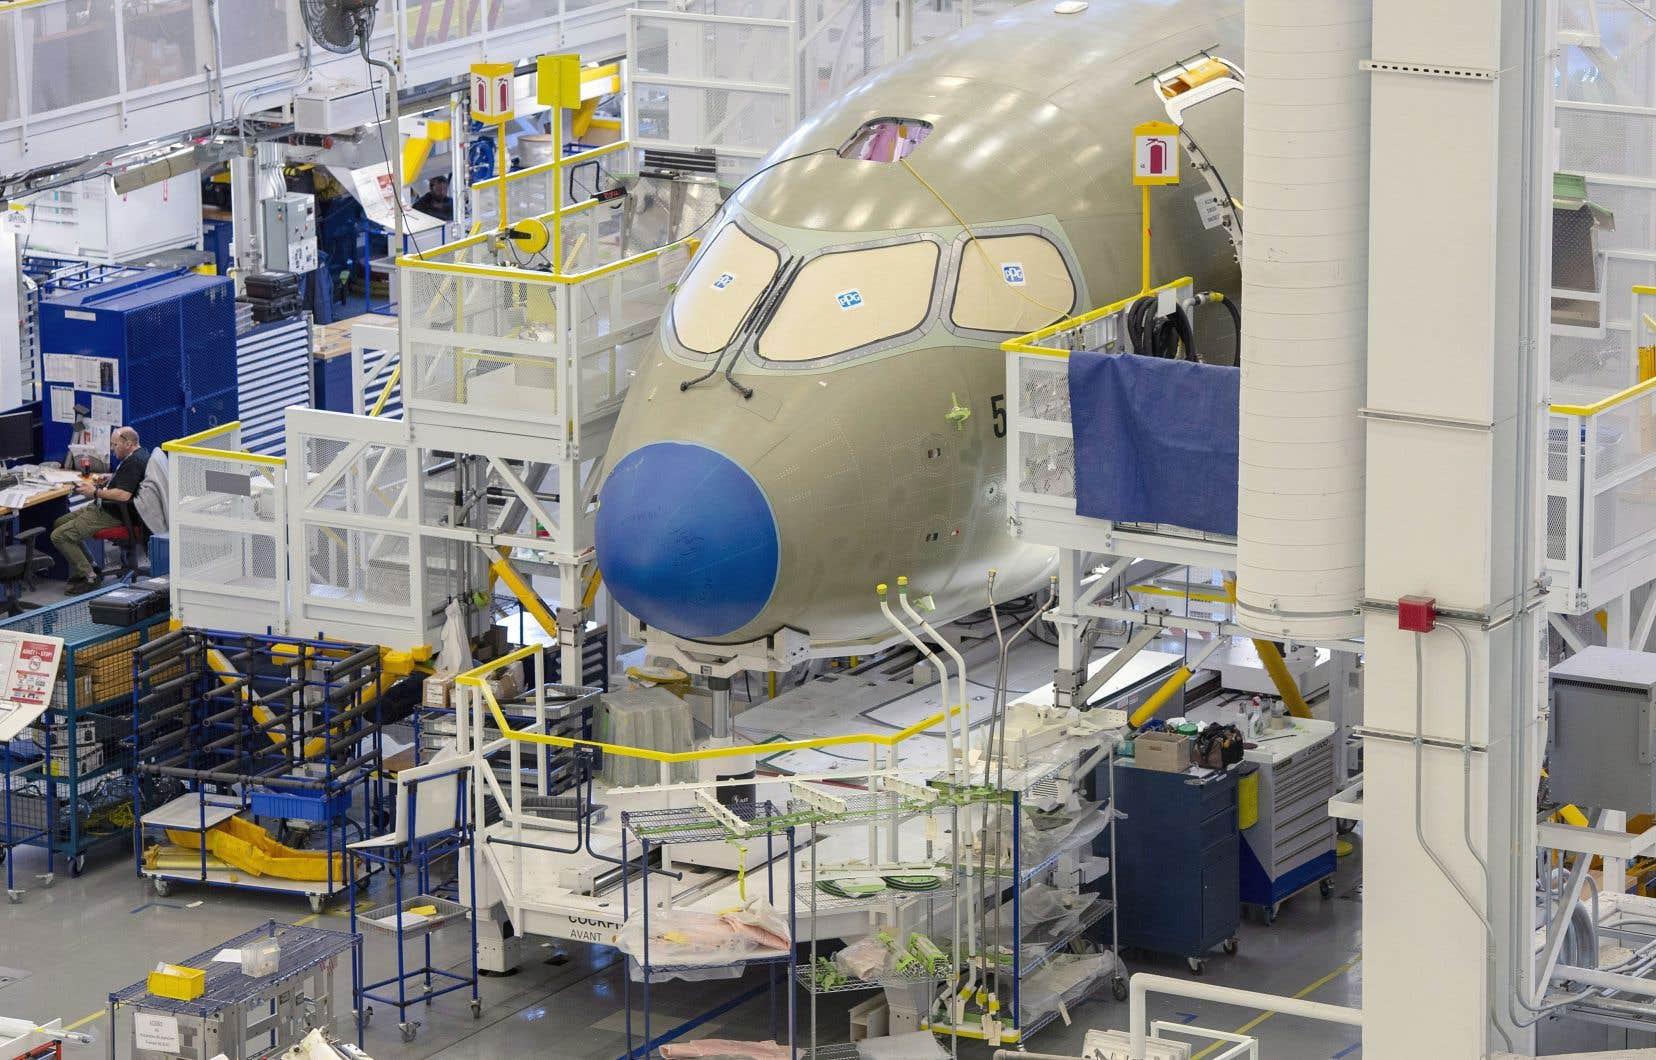 La prise de contrôle du programme de la CSeries — rebaptisé A220 — par Airbus a fait en sorte que les employés affectés à l'assemblage de cet avion à Mirabel, dans les Laurentides, sont désormais dans le giron de la société en commandite.